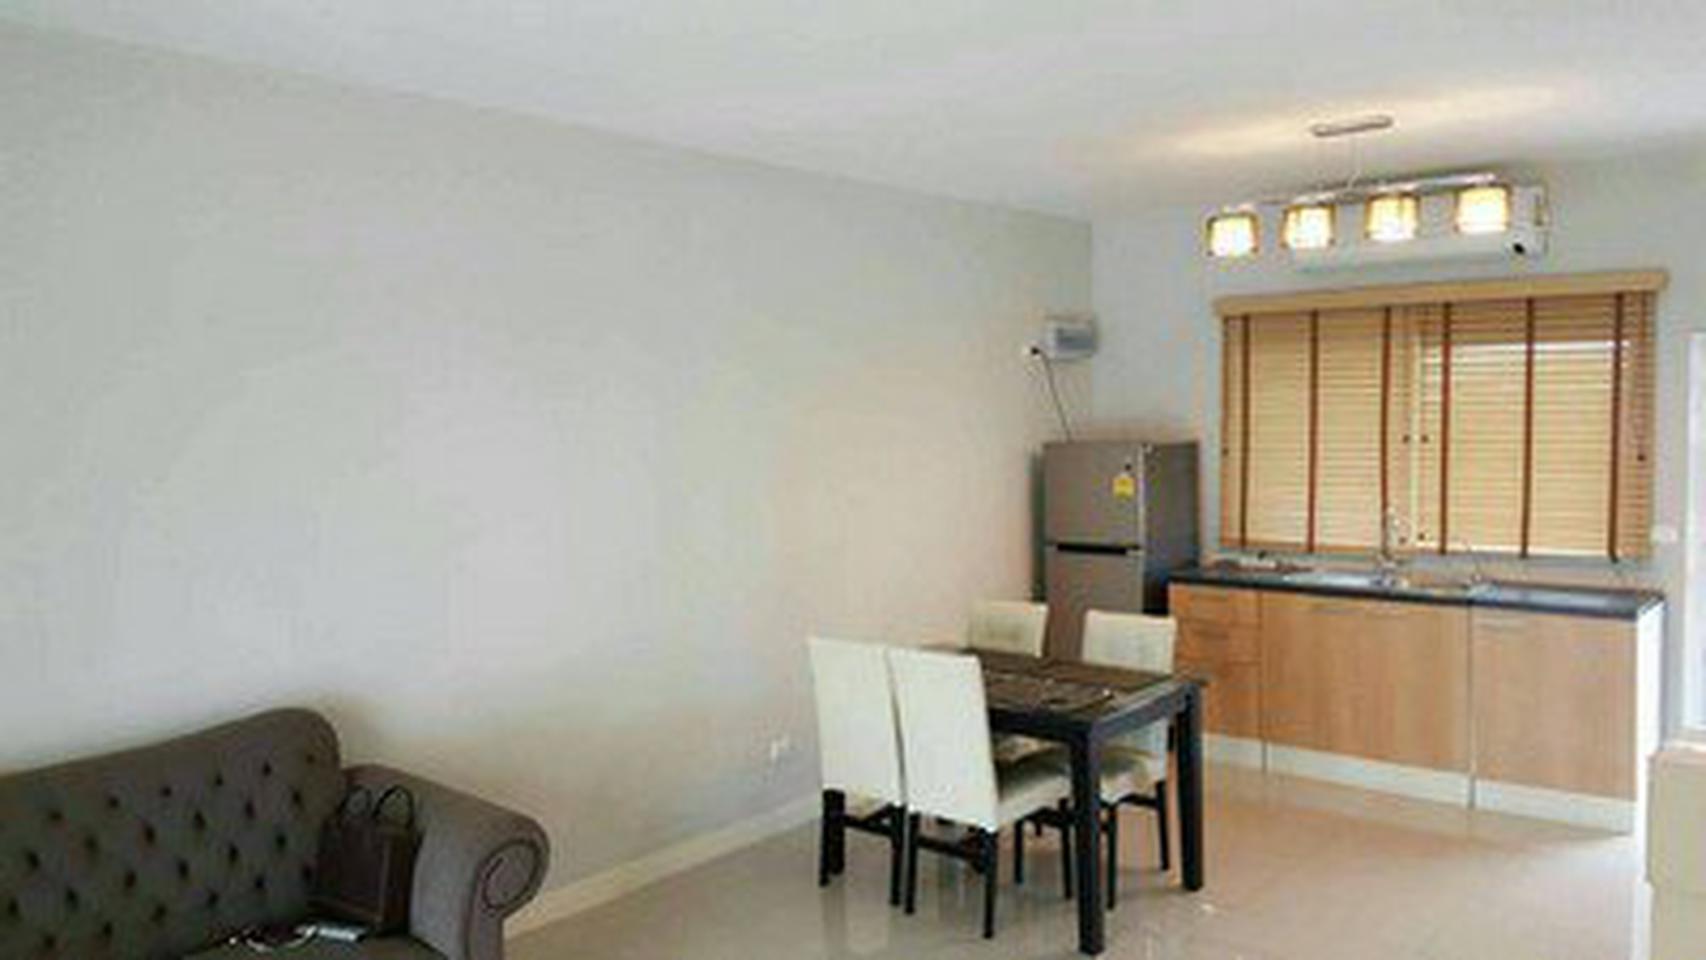 ขายบ้านใหม่สวย เดอะพลีโน่ พระราม5 ปิ่นเกล้า  รูปที่ 4